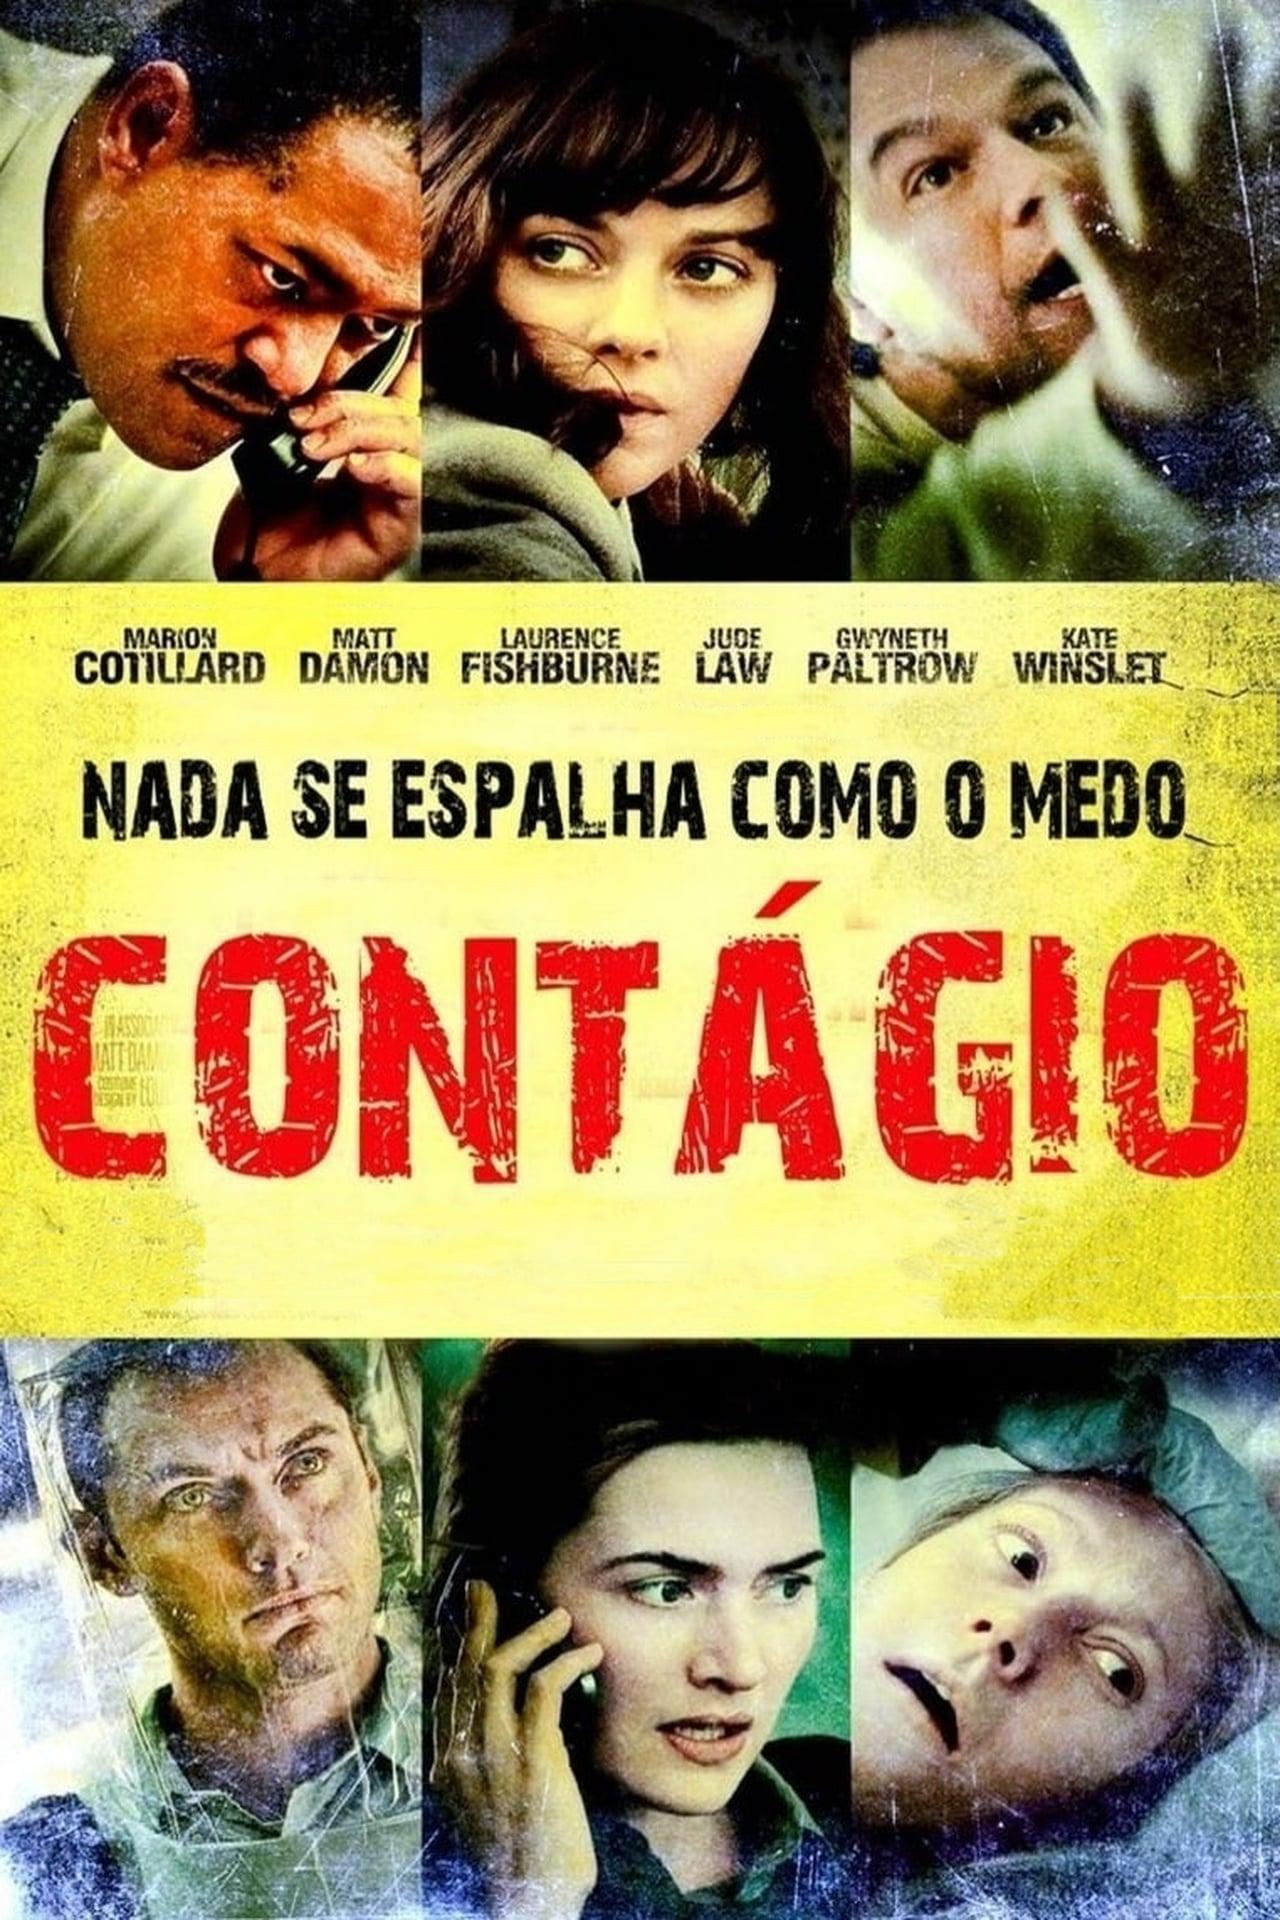 Regarder Film Contagion En Streaming Sur Stream Complet Regarder Contagion 2011 Streaming Vf